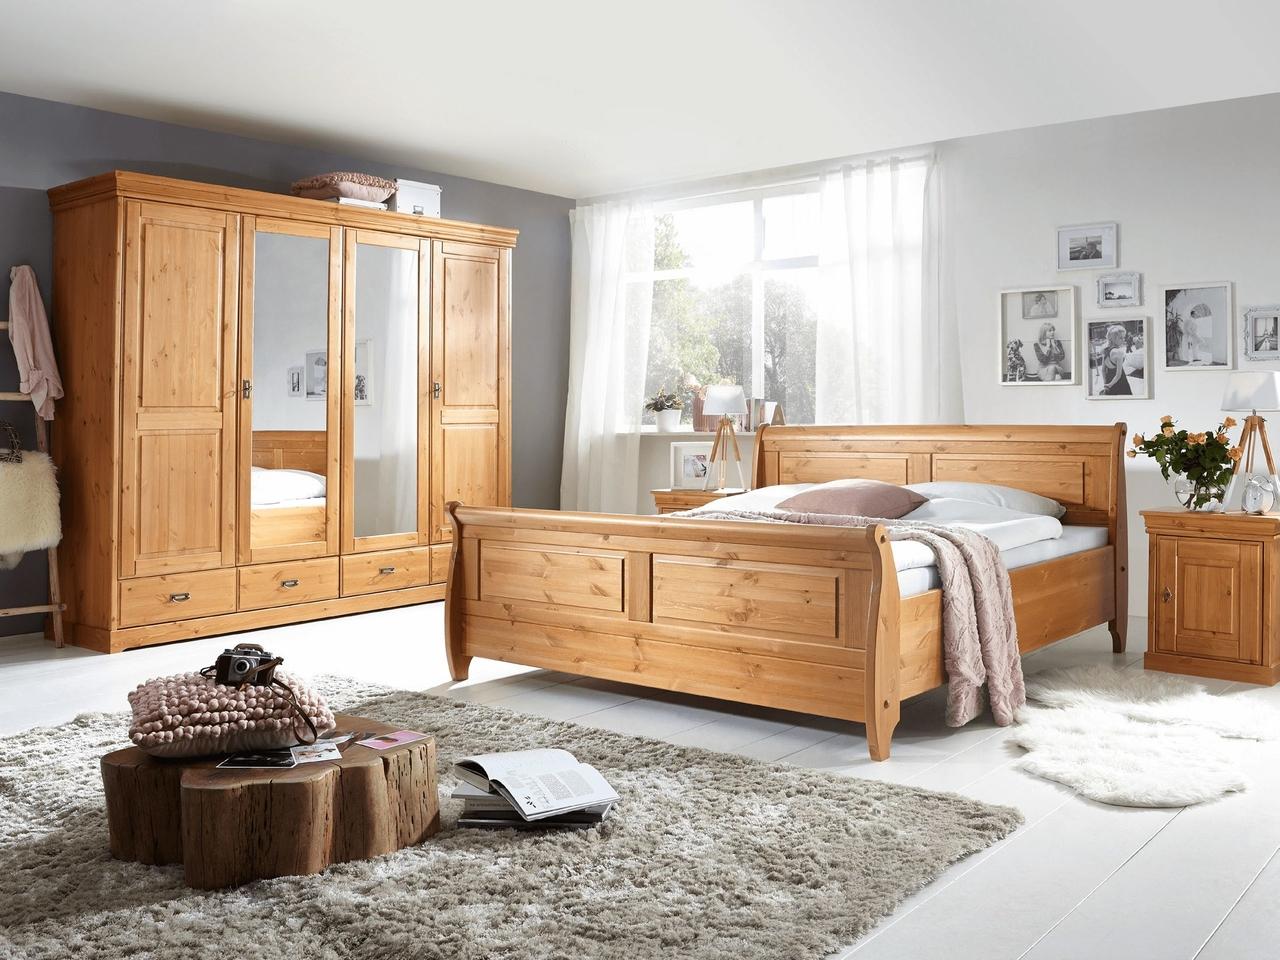 Full Size of Schlafzimmerschränke Schlafzimmerschrnke Kleiderschrnke Skandinavisch Skanmbler Wohnzimmer Schlafzimmerschränke